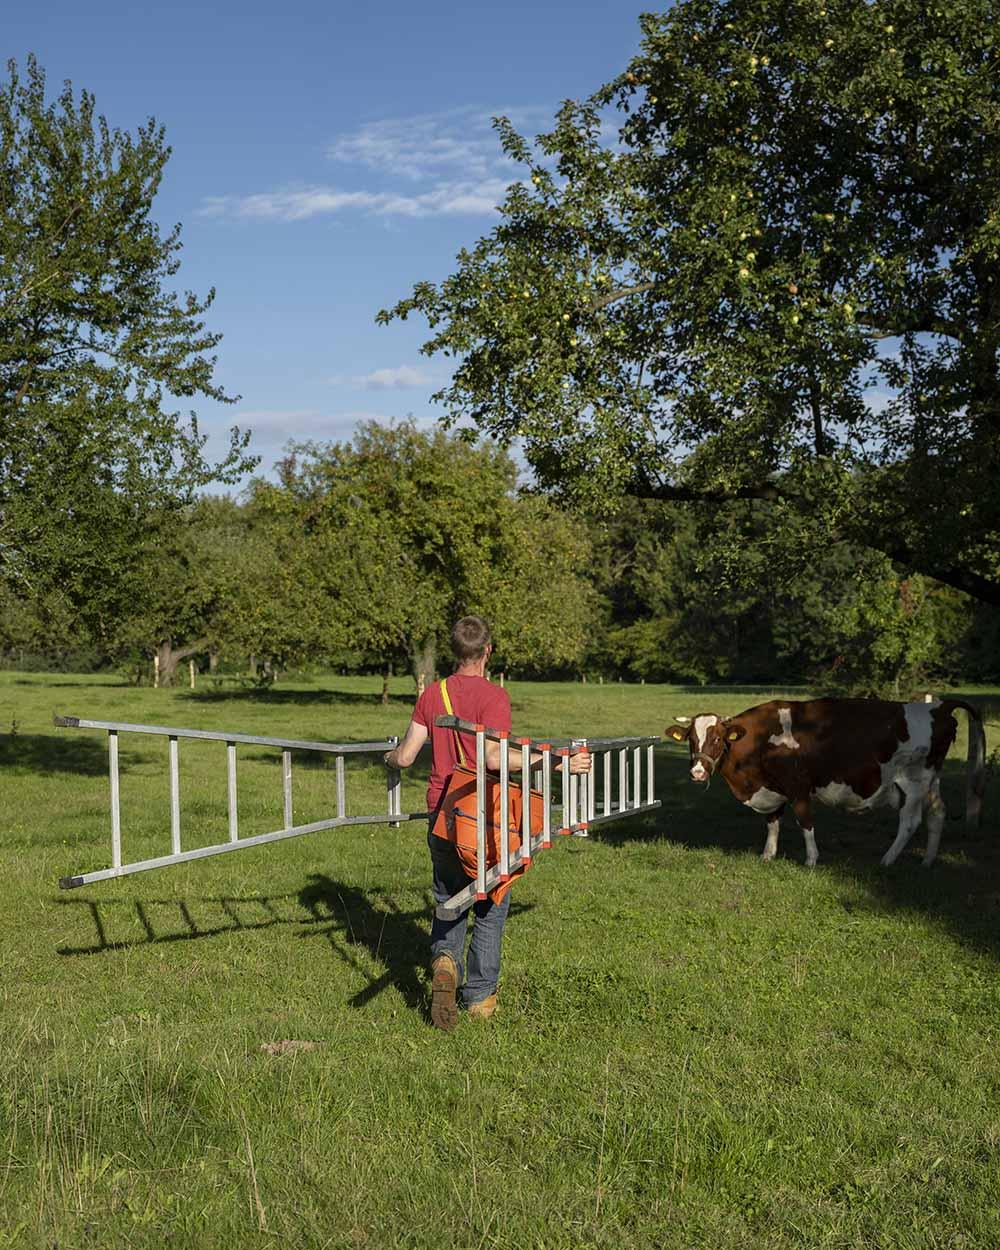 Henning geht auf dem Gut Rothenhausen mit einer großen Leiter zu einem Apfelbaum. Dort wird er Äpfel der Sorte Fürst Blücher ernten. Unter dem Baum auf der Streuobstwiese steht eine Kuh.